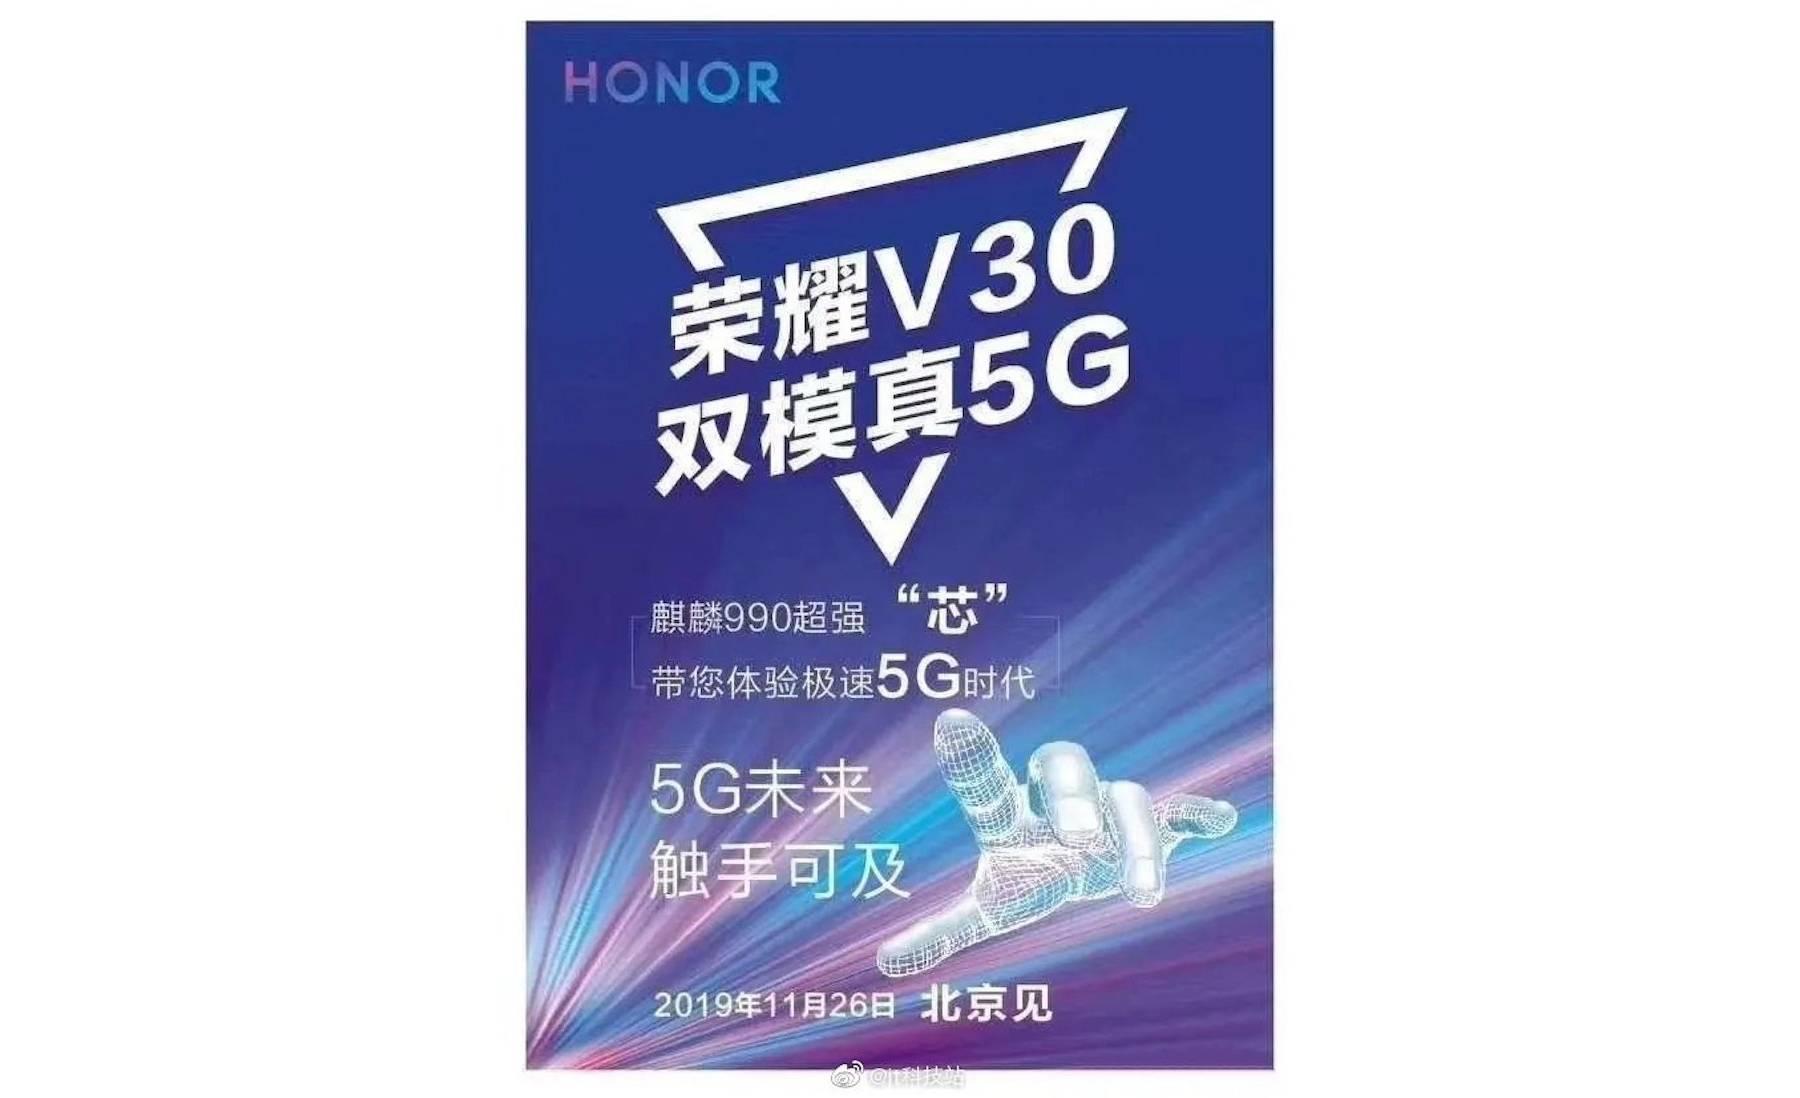 Honor V30 sieht von hinten wohl wie ein Galaxy A51 aus, nur in den Farben von Huawei